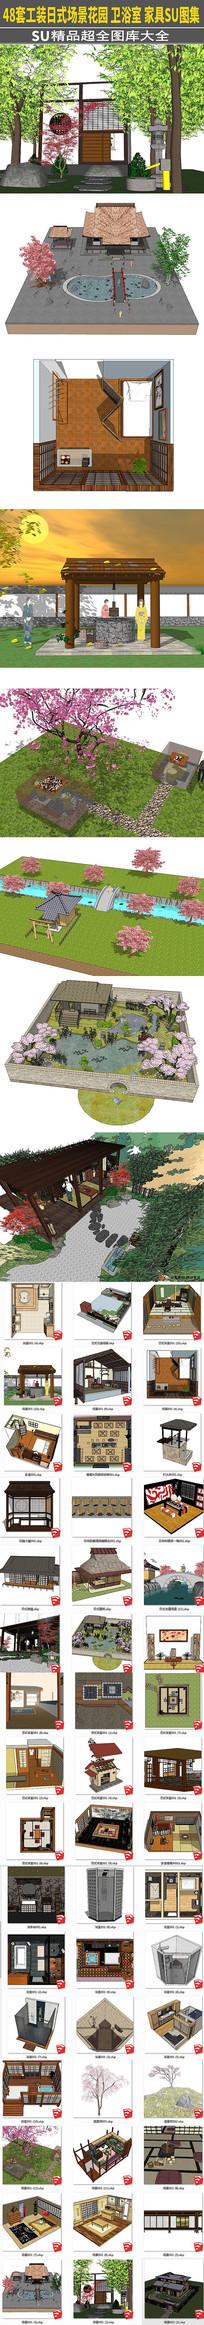 48套室内设计日式风格家具场景